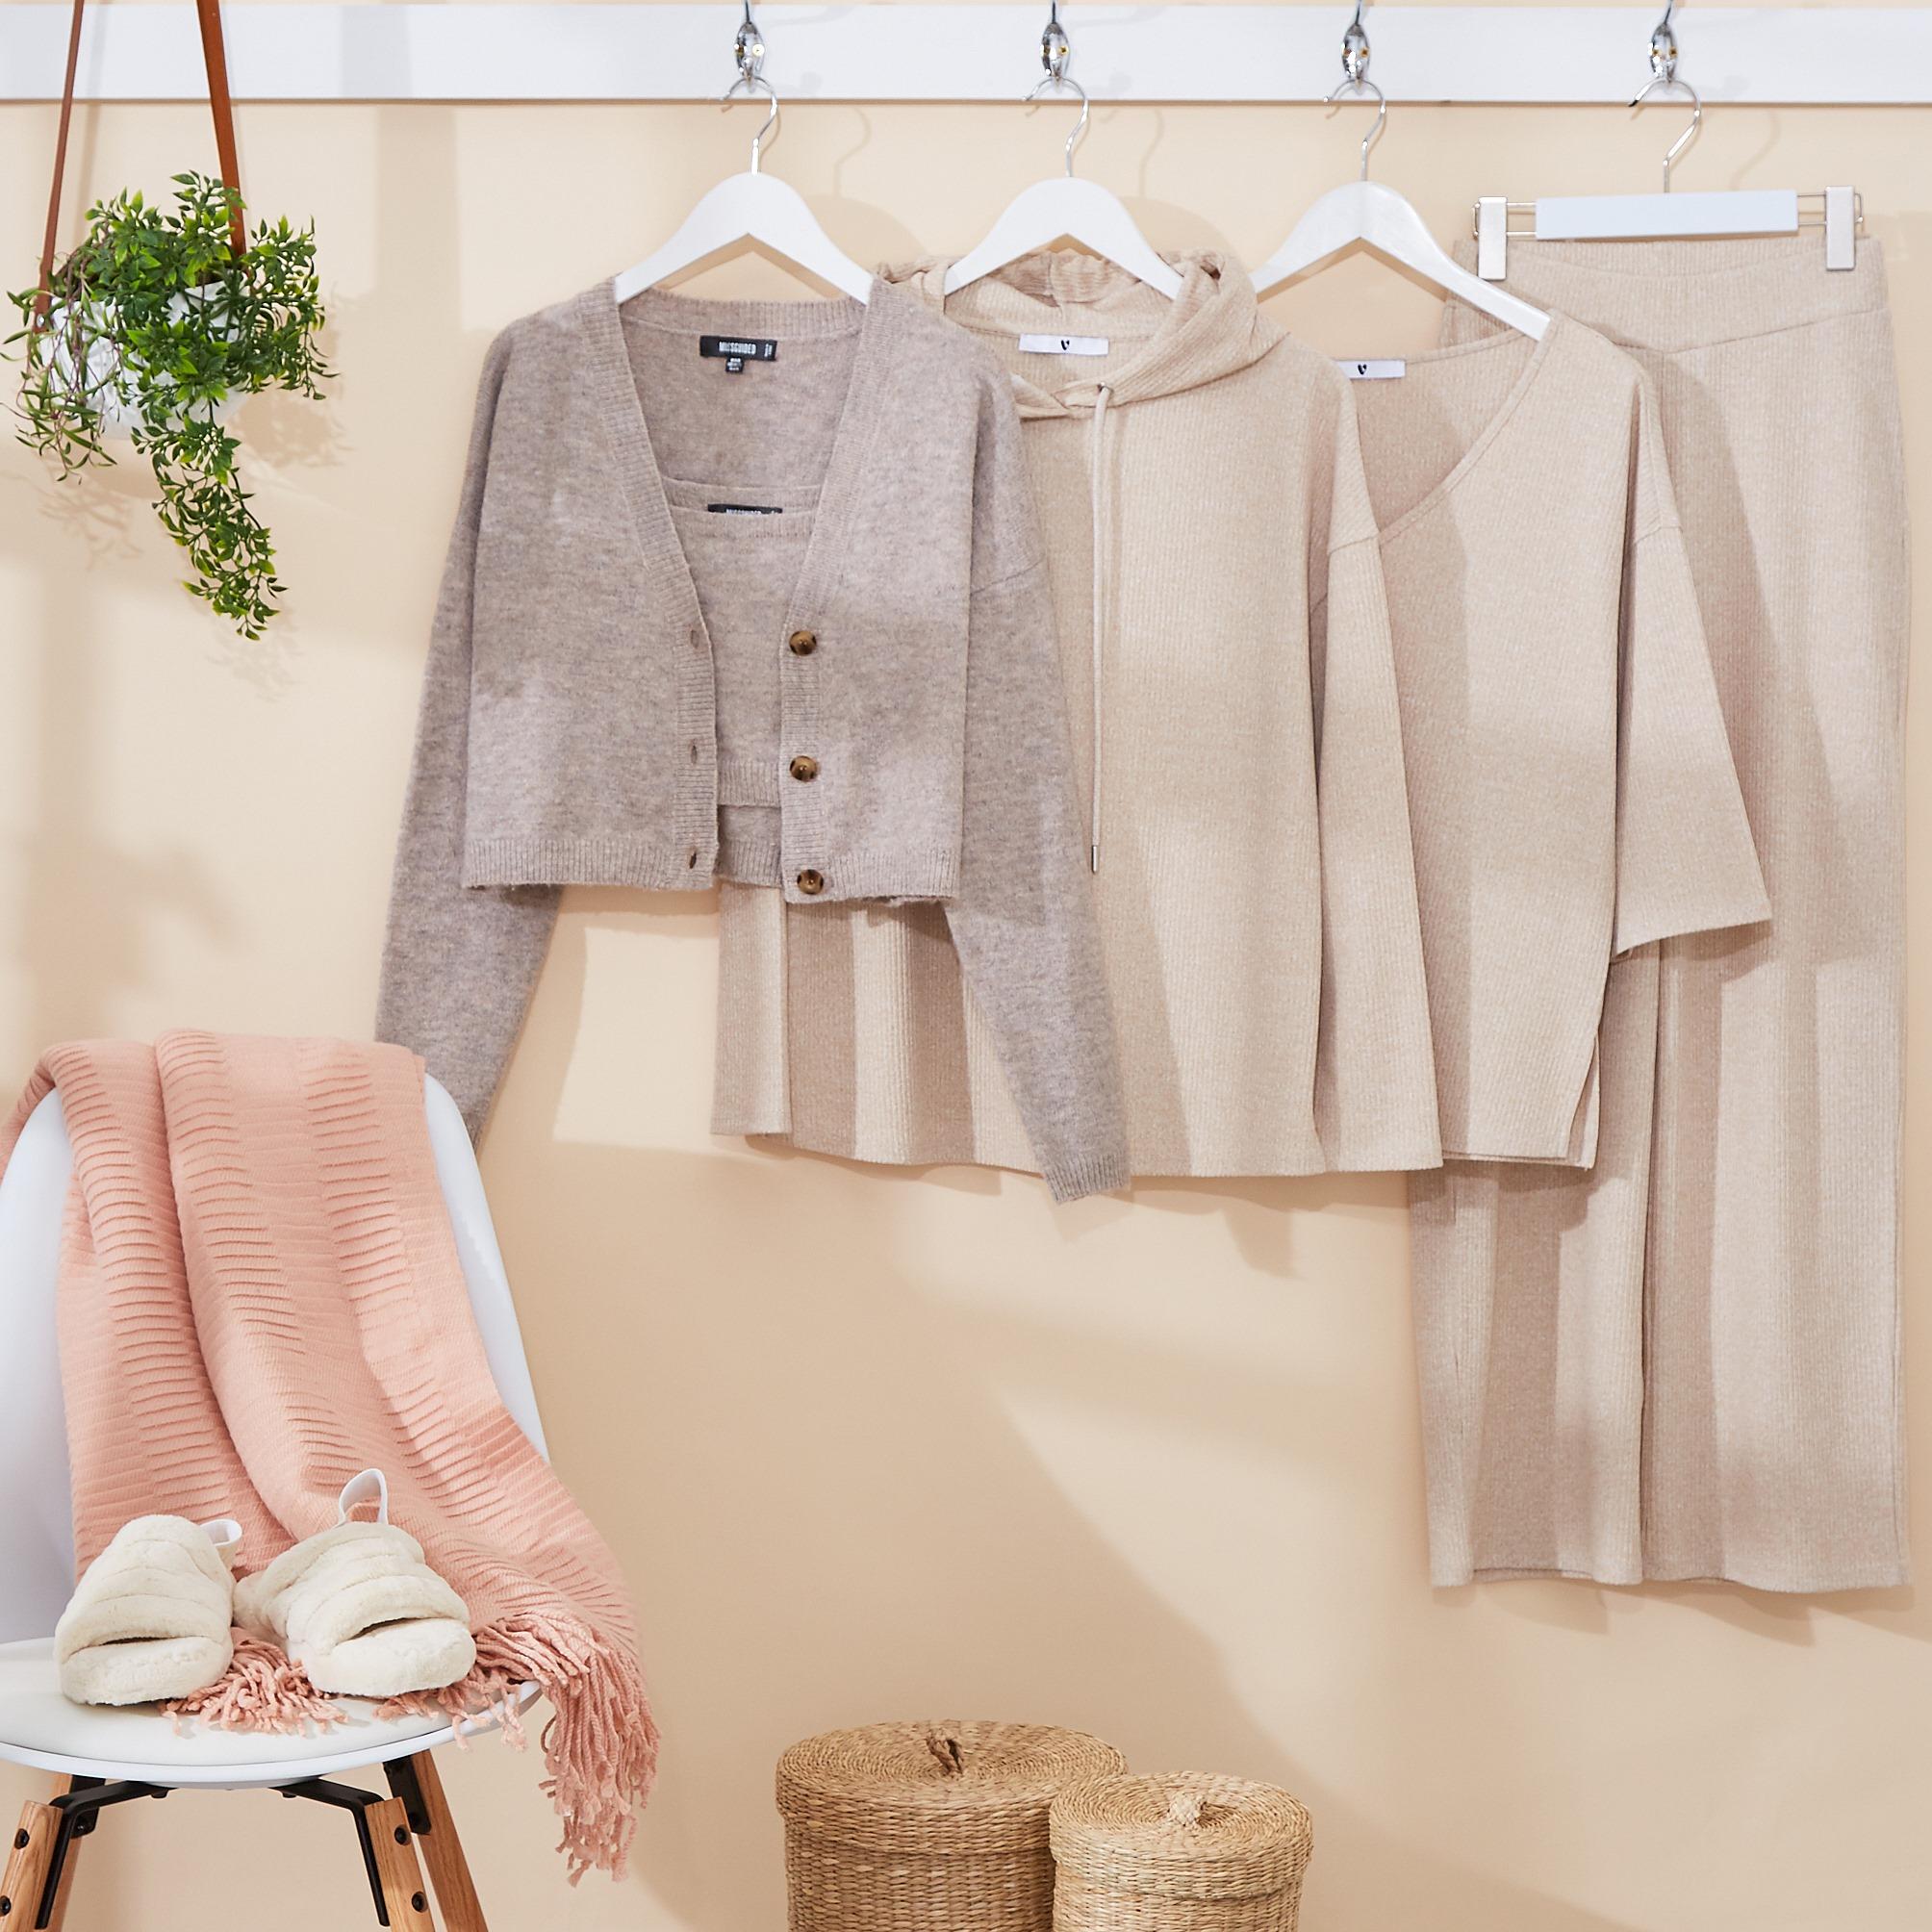 Very Women's Fashion Neutrals